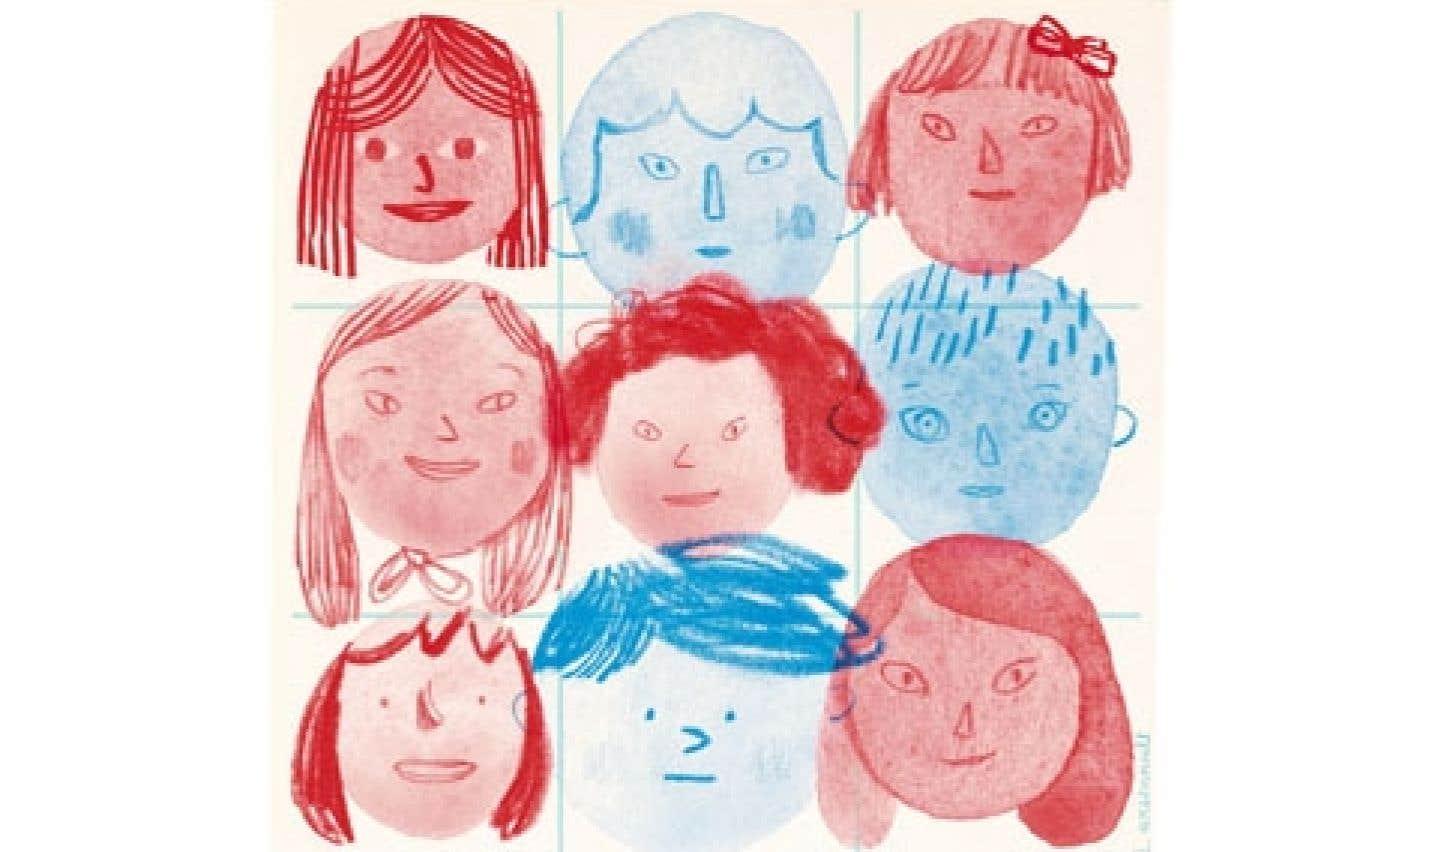 Persévérance scolaire - Décrochage: traiter garçons et filles sur un pied d'égalité